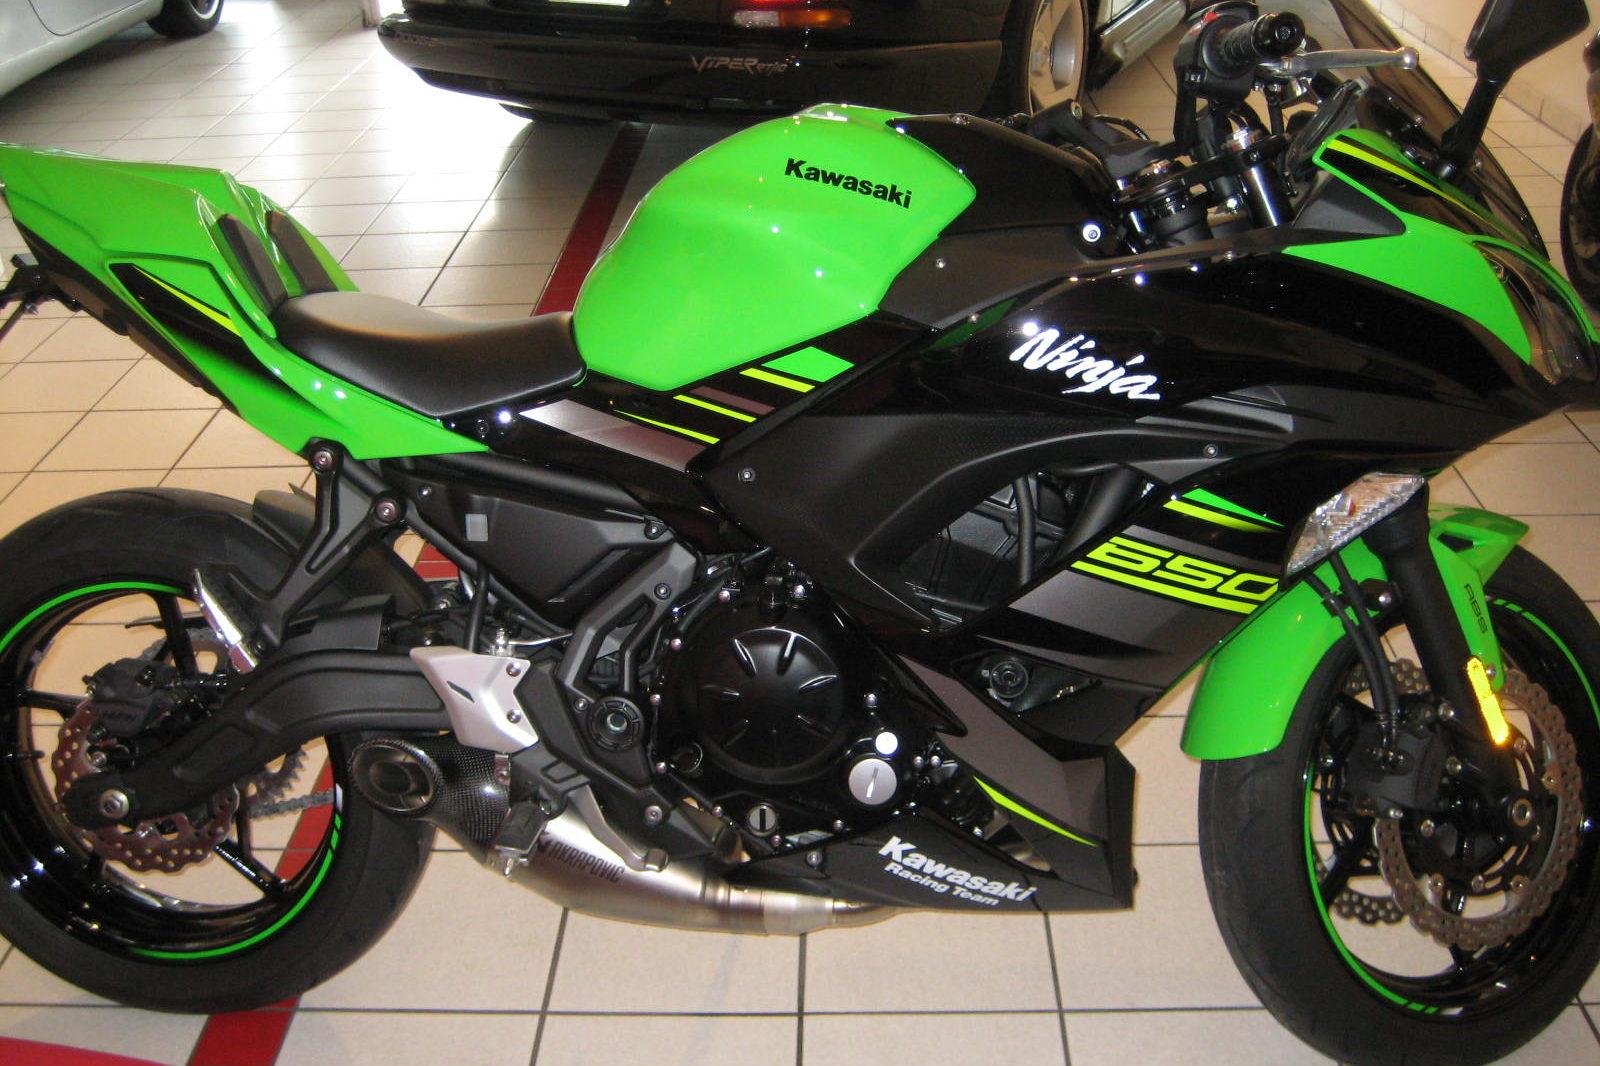 Kawasaki Ninja 650 KRT Performance grün und schwarz